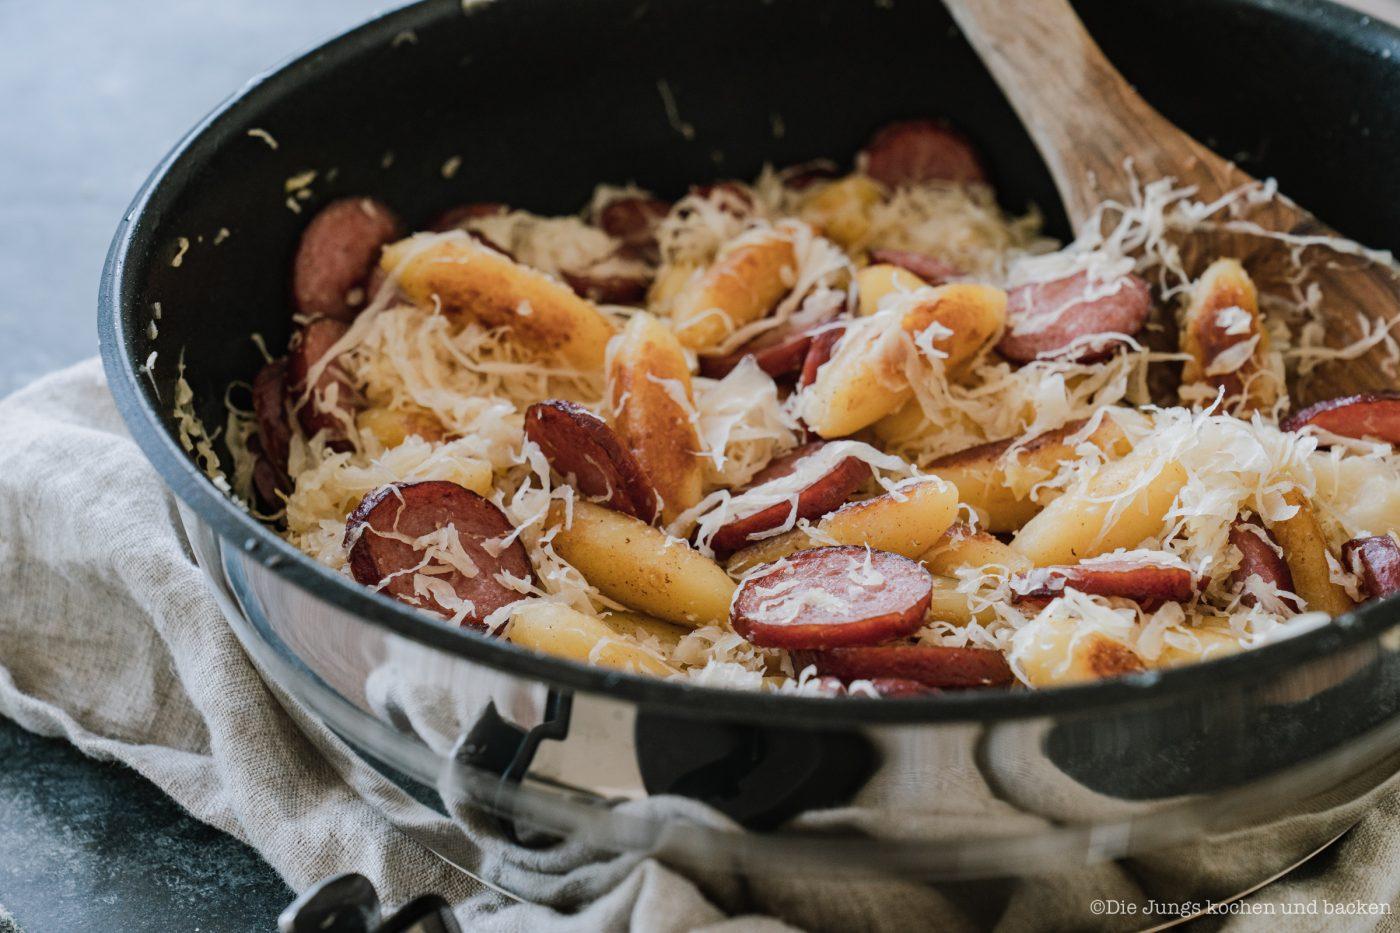 Tefal Pfannengerichte 17 | Heute ist der Tag der Kartoffel. Und wir feiern das leckere Gemüse mit unserem Abschlussrezept in unserer Kartoffelwoche. Nachdem wir euch schon ein Parfait und einen Kuchen mit der Kartoffel gezeigt haben, ist heute ein geniales Ofenkartoffel Rezept an der Reihe. Aber keine Sorge es wird sommerlich und unsere Sommer-Kartoffeln mit Burratamit seinem feinen Zitronenaroma aus der Tefal Ingeniopasst perfekt zu den sommerlichen Temperaturen momentan - aber auch zu jeder anderen Gelegenheit.